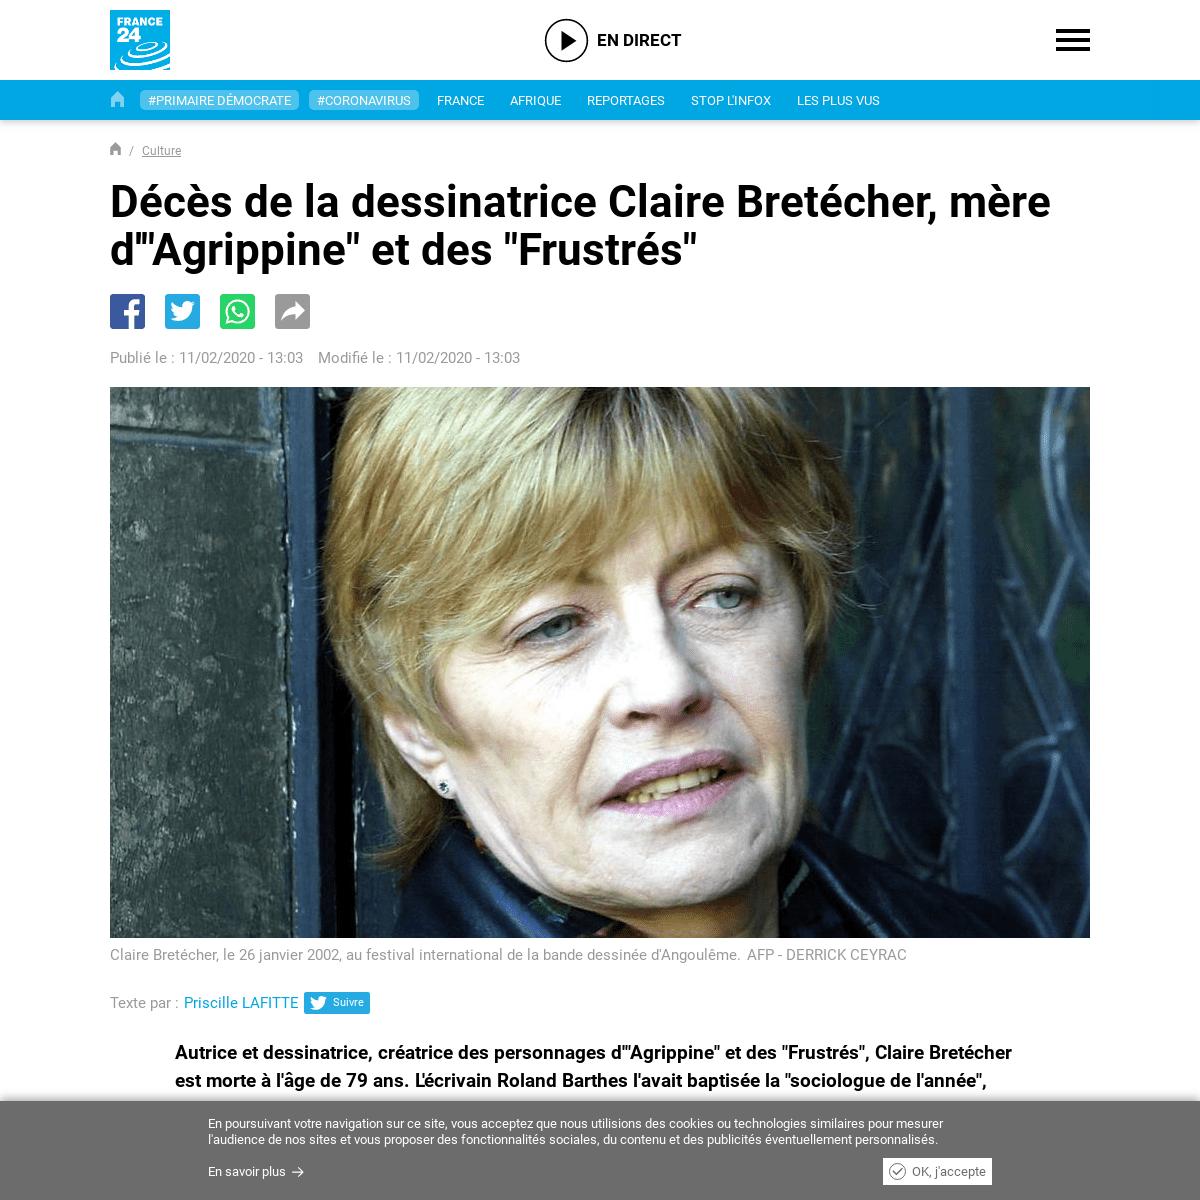 ArchiveBay.com - www.france24.com/fr/20200211-bd-claire-bretecher-deces-bande-dessinee-agrippine - Décès de la dessinatrice Claire Bretécher, mère d'-Agrippine- et des -Frustrés-